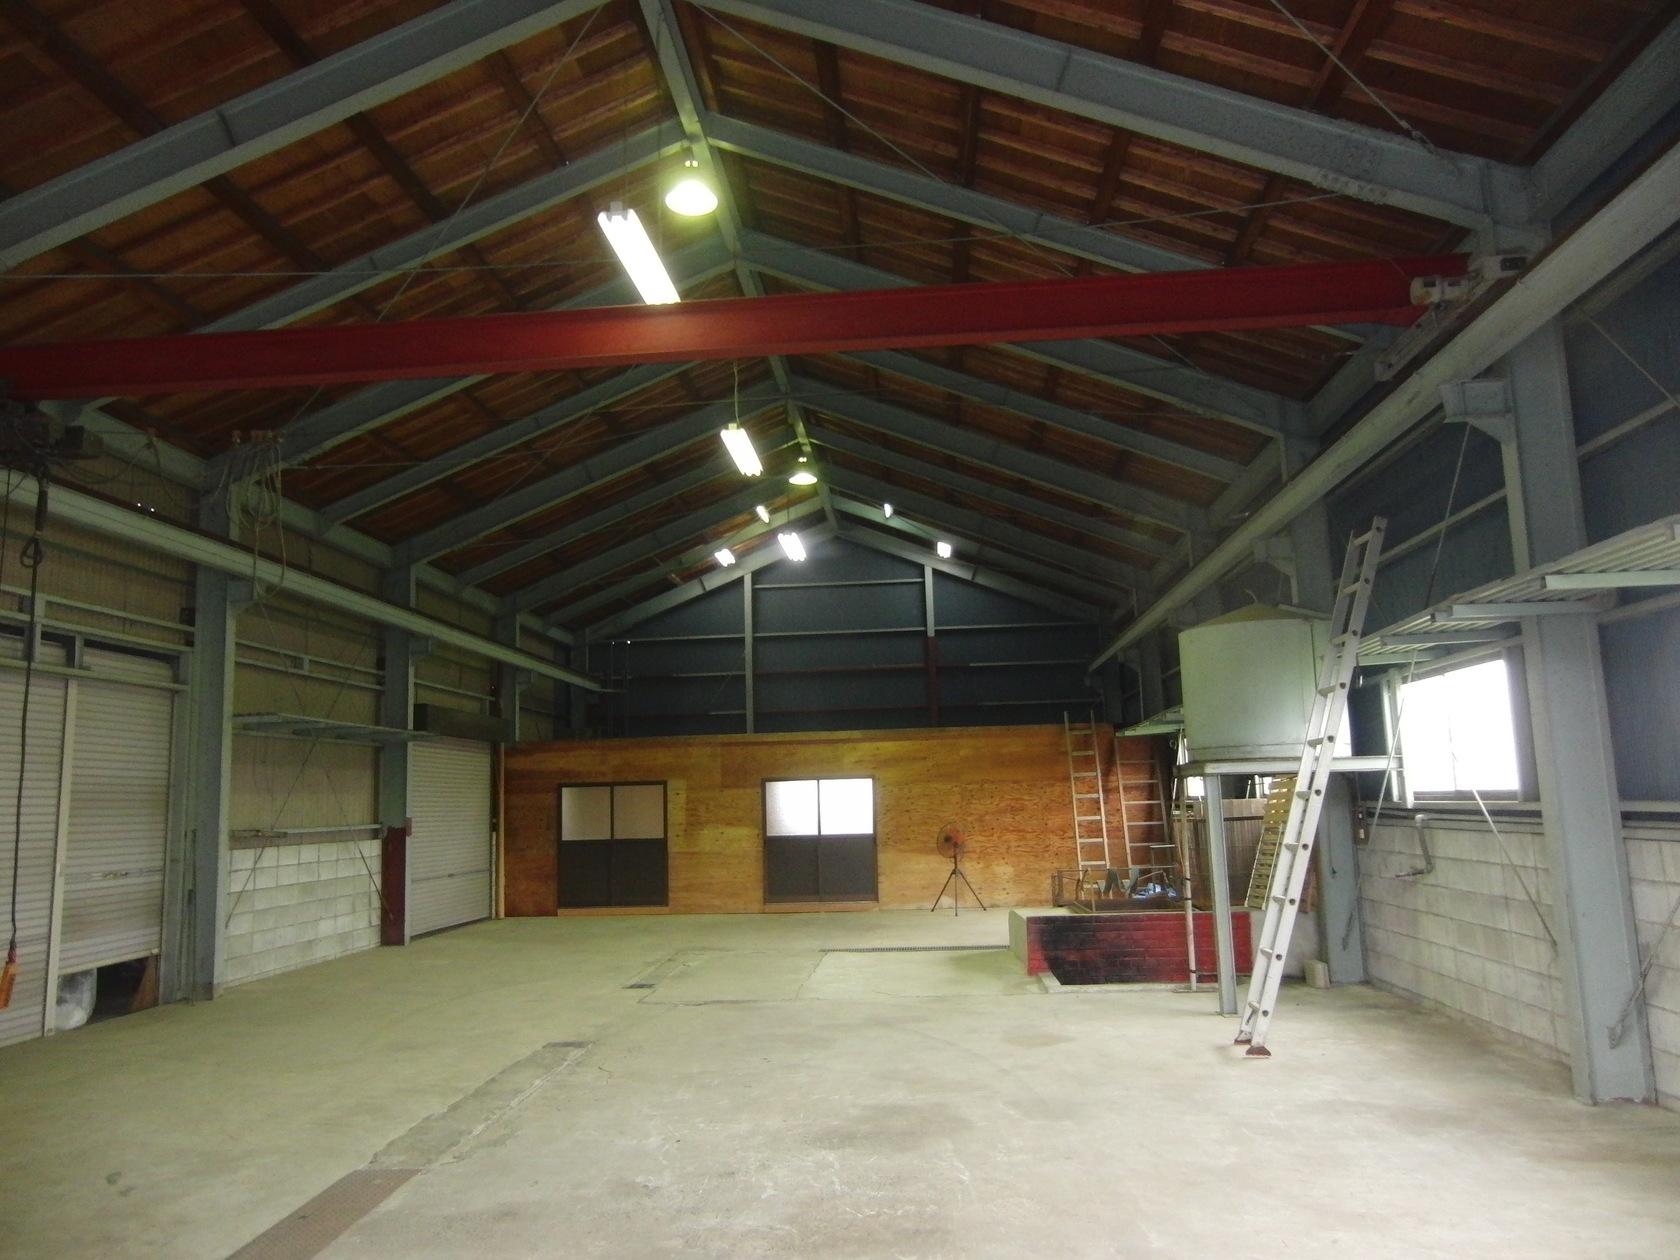 倉庫3棟からなる総敷地面積600坪!高い天井に、広々とした空間をご自由に!(倉庫3棟からなる総敷地面積600坪!高い天井に、広々とした空間をご自由に!) の写真0